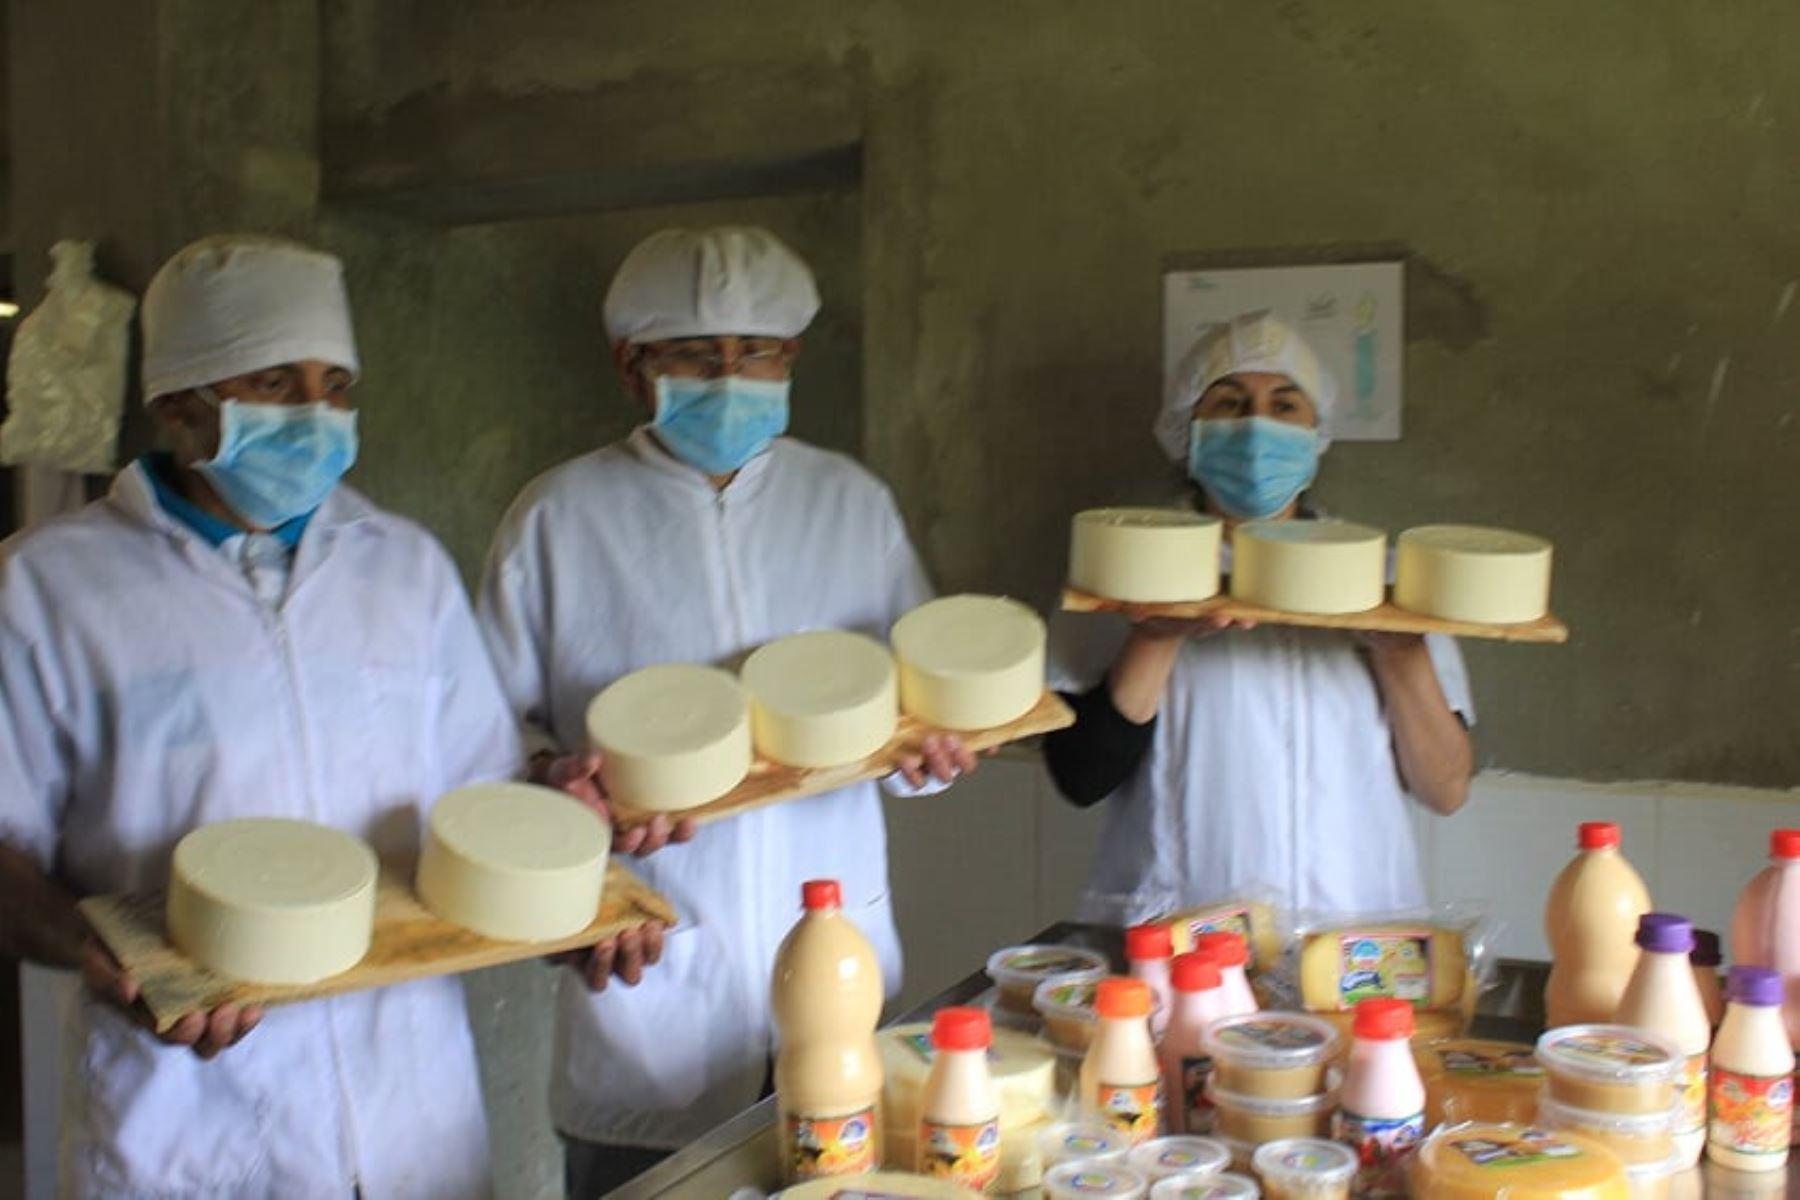 Emprendedores de Haku Wiñay de la provincia de Huarochirí, región Lima, entregan sus productos a domicilio. ANDINA/Difusión